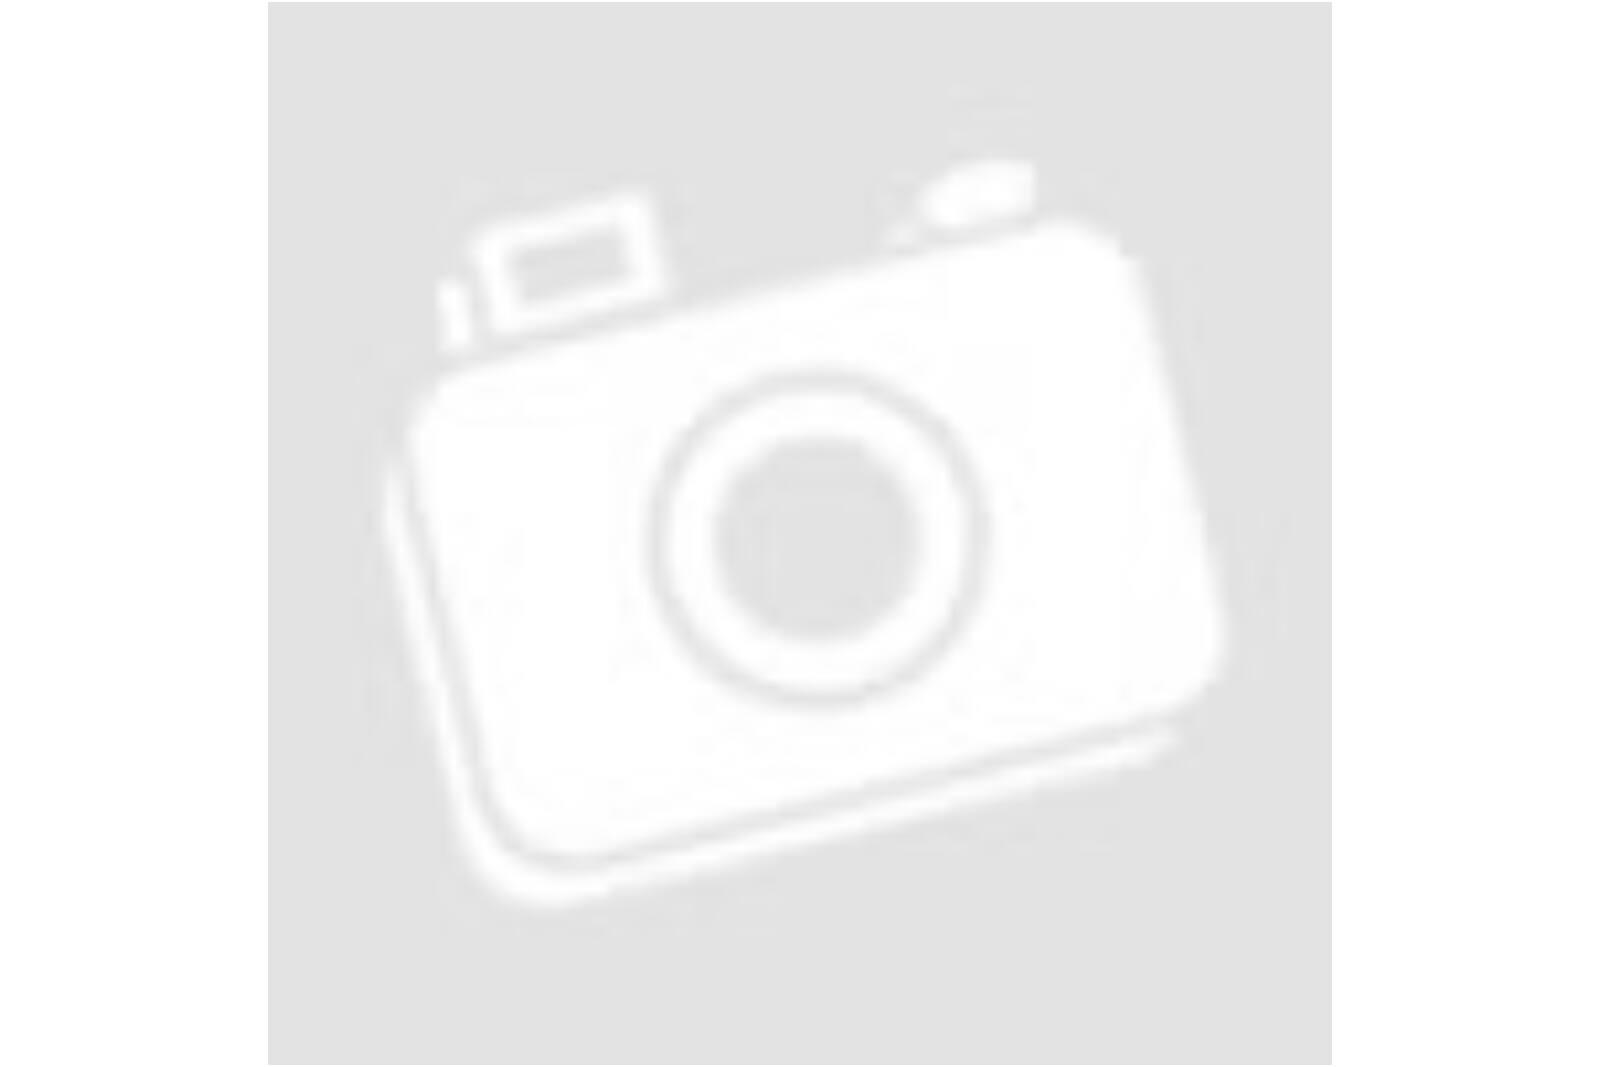 Benetton fehér női ruha - Női ruhák 4a662a0ac9